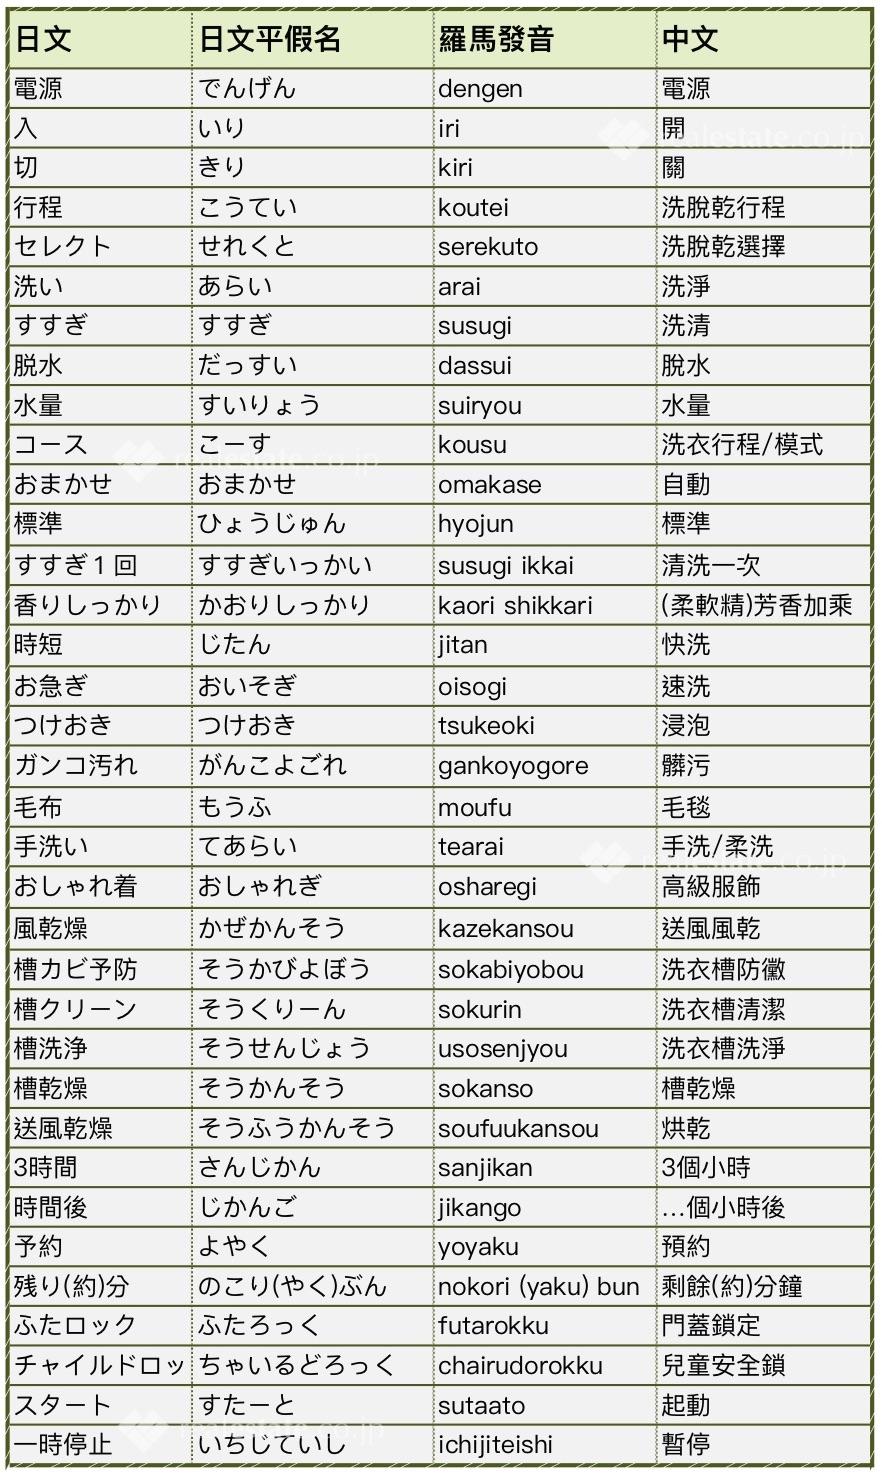 日本洗衣機控制面板中文翻譯